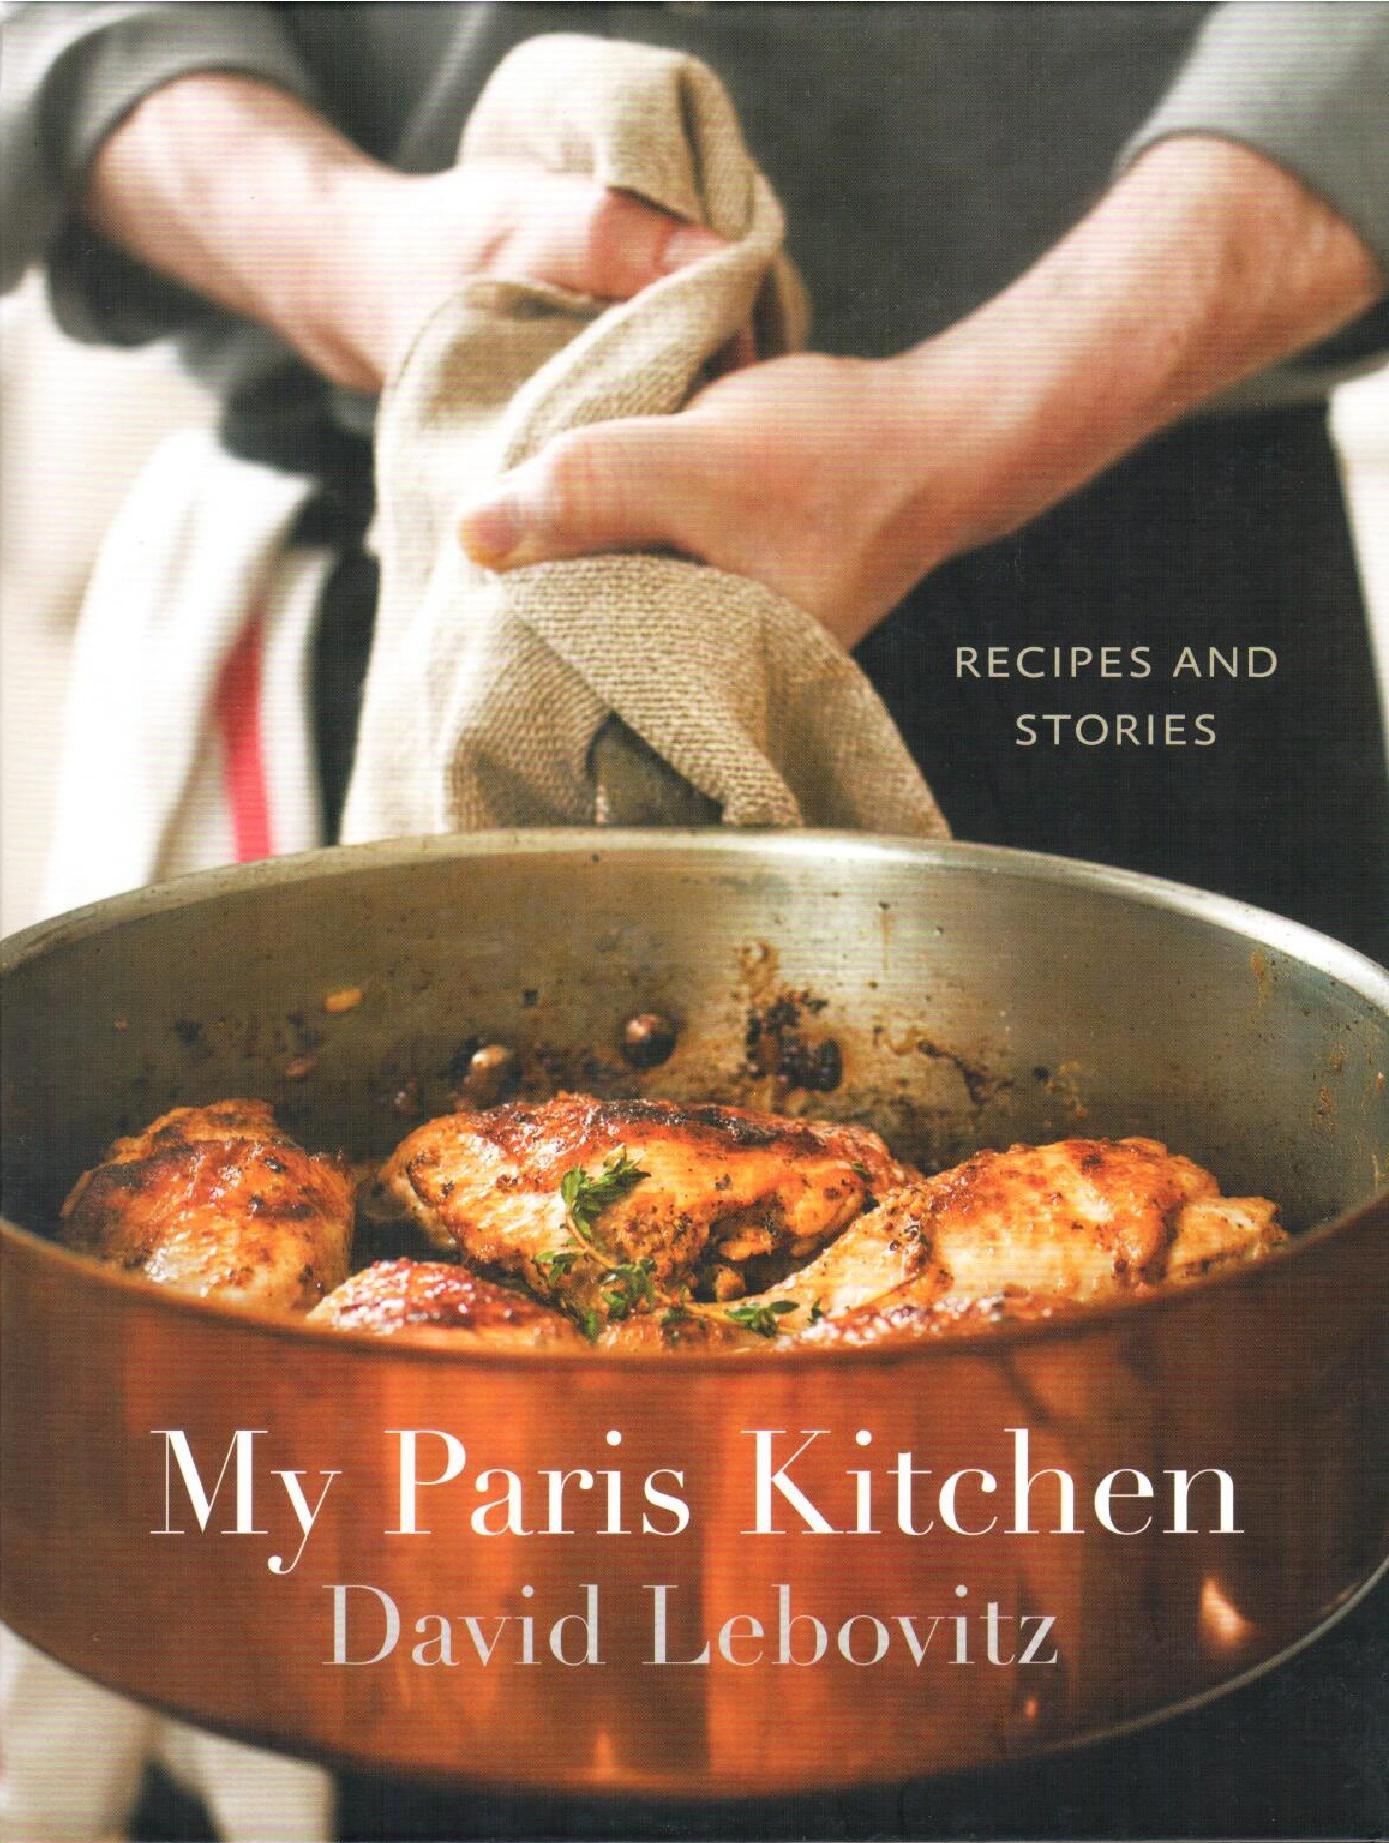 My Paris Kitchen.jpg